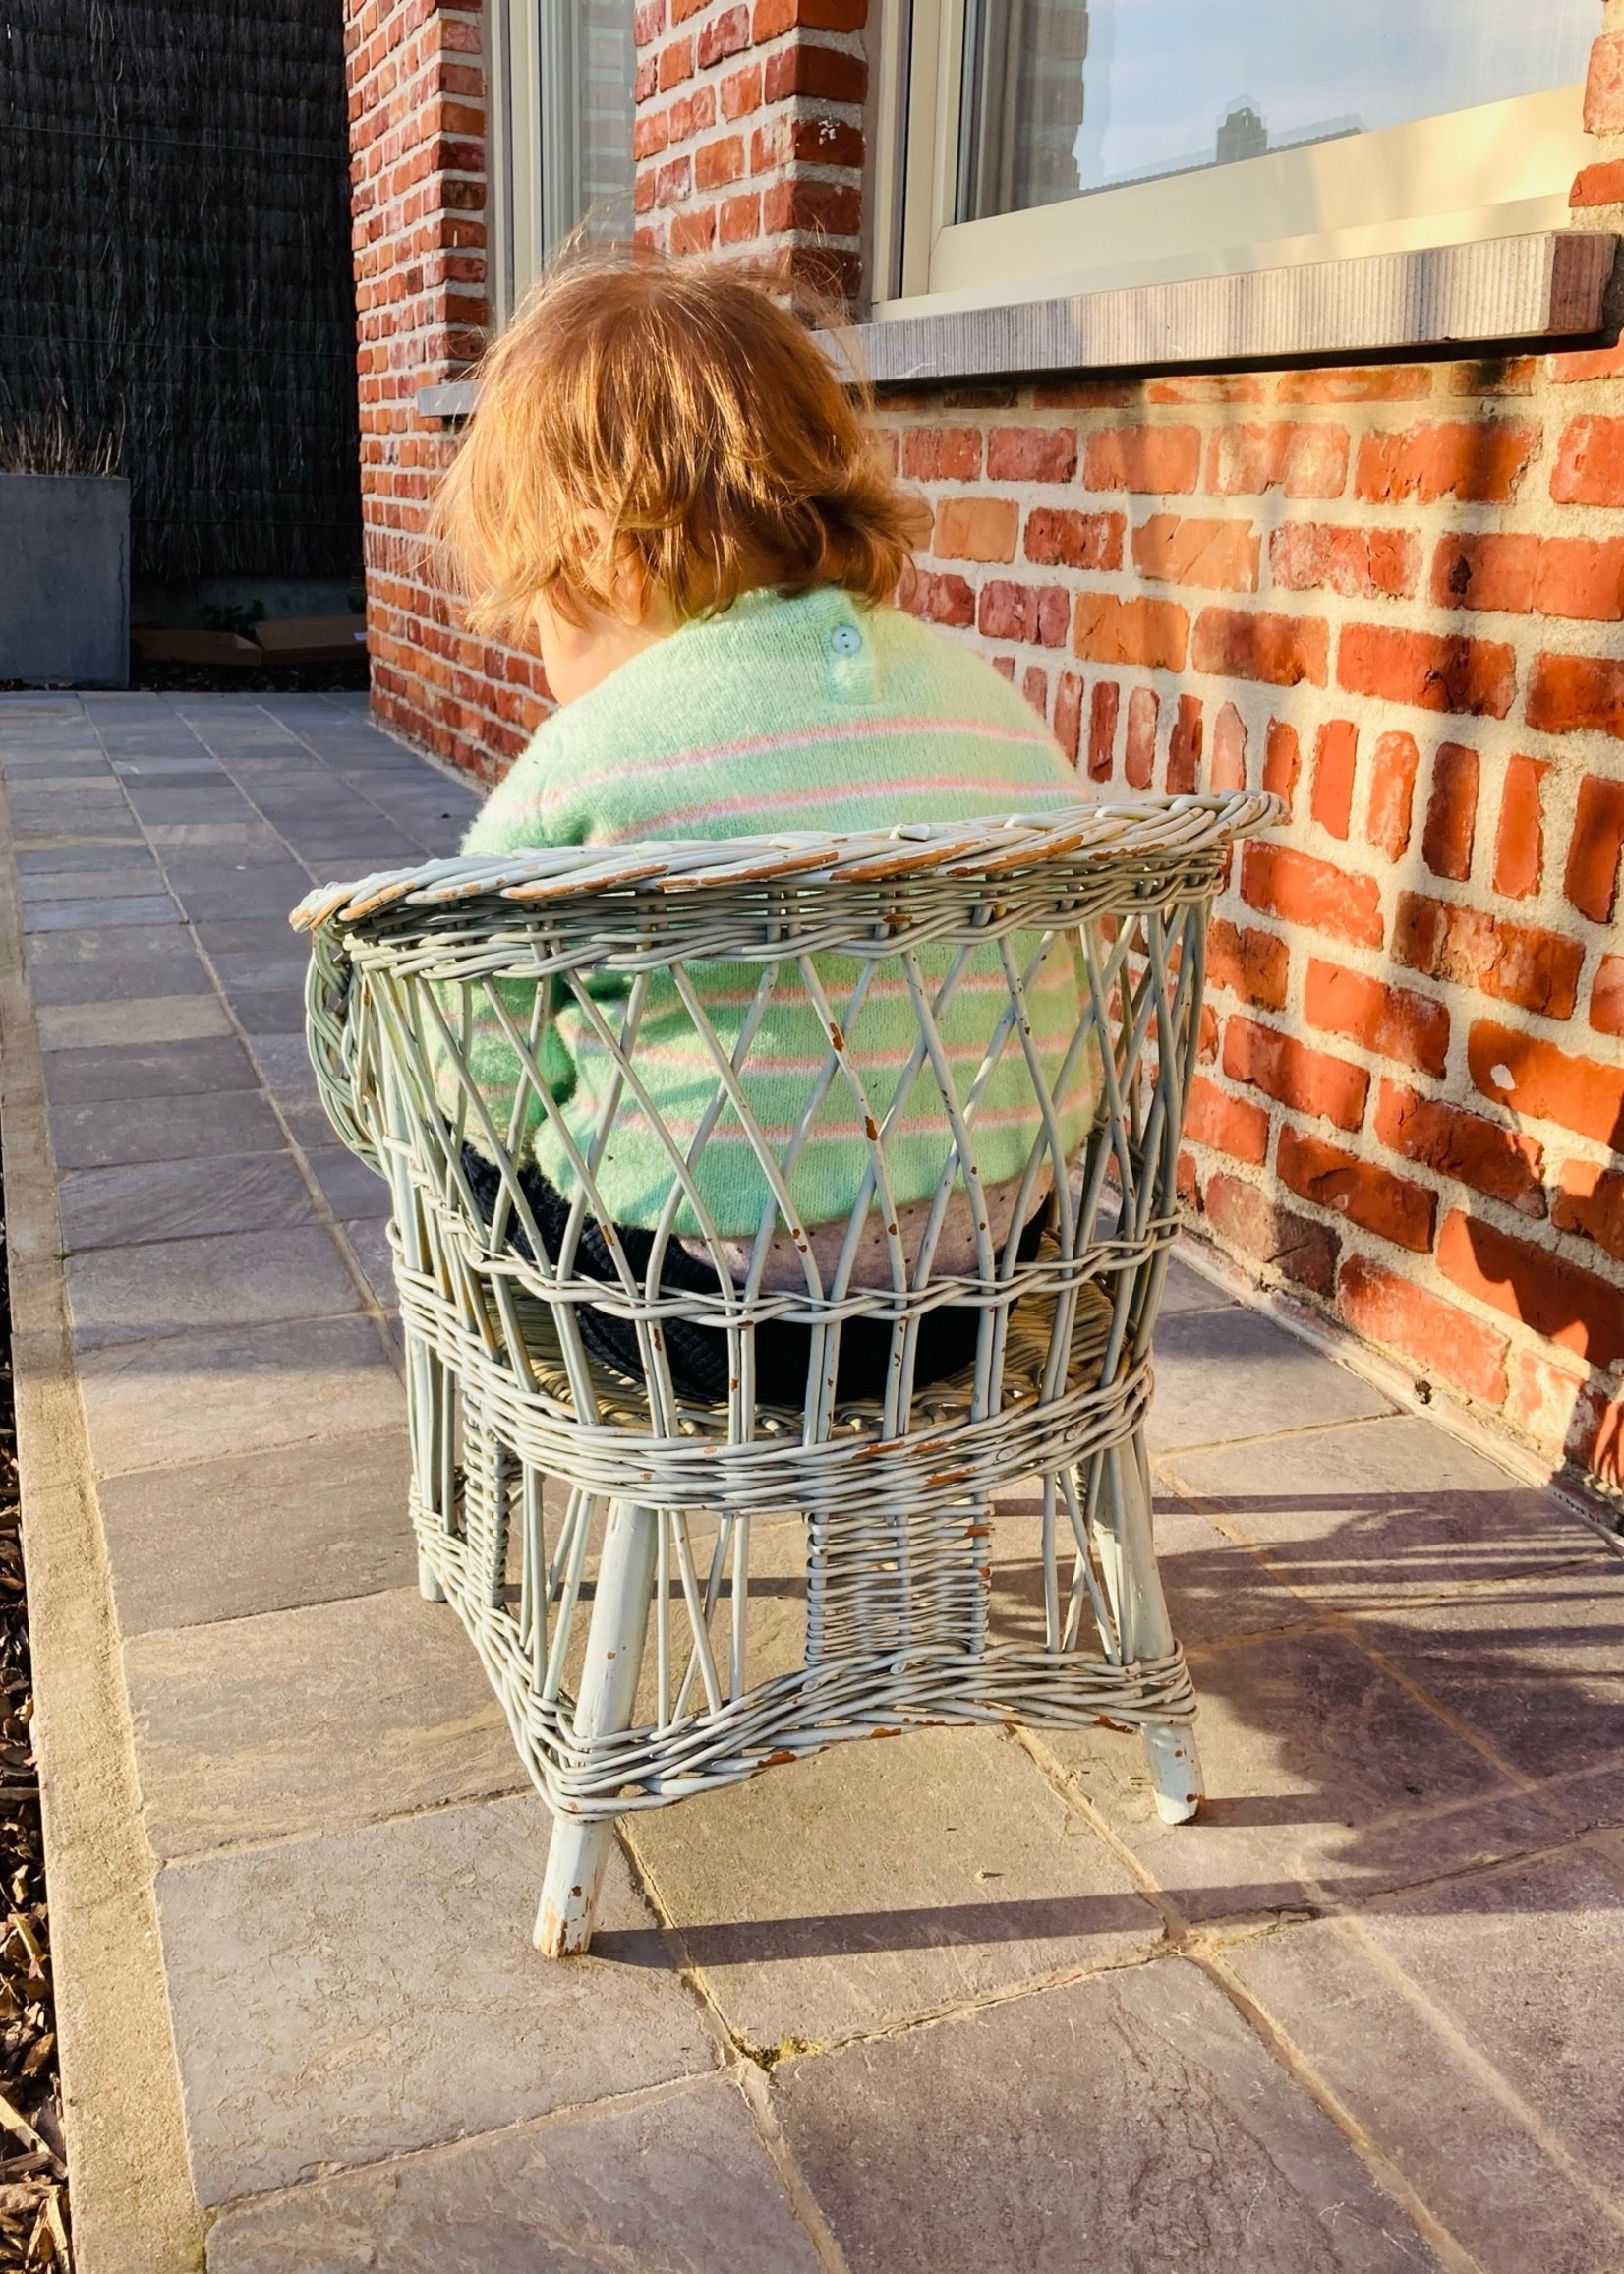 Blue childrens Rattan chair